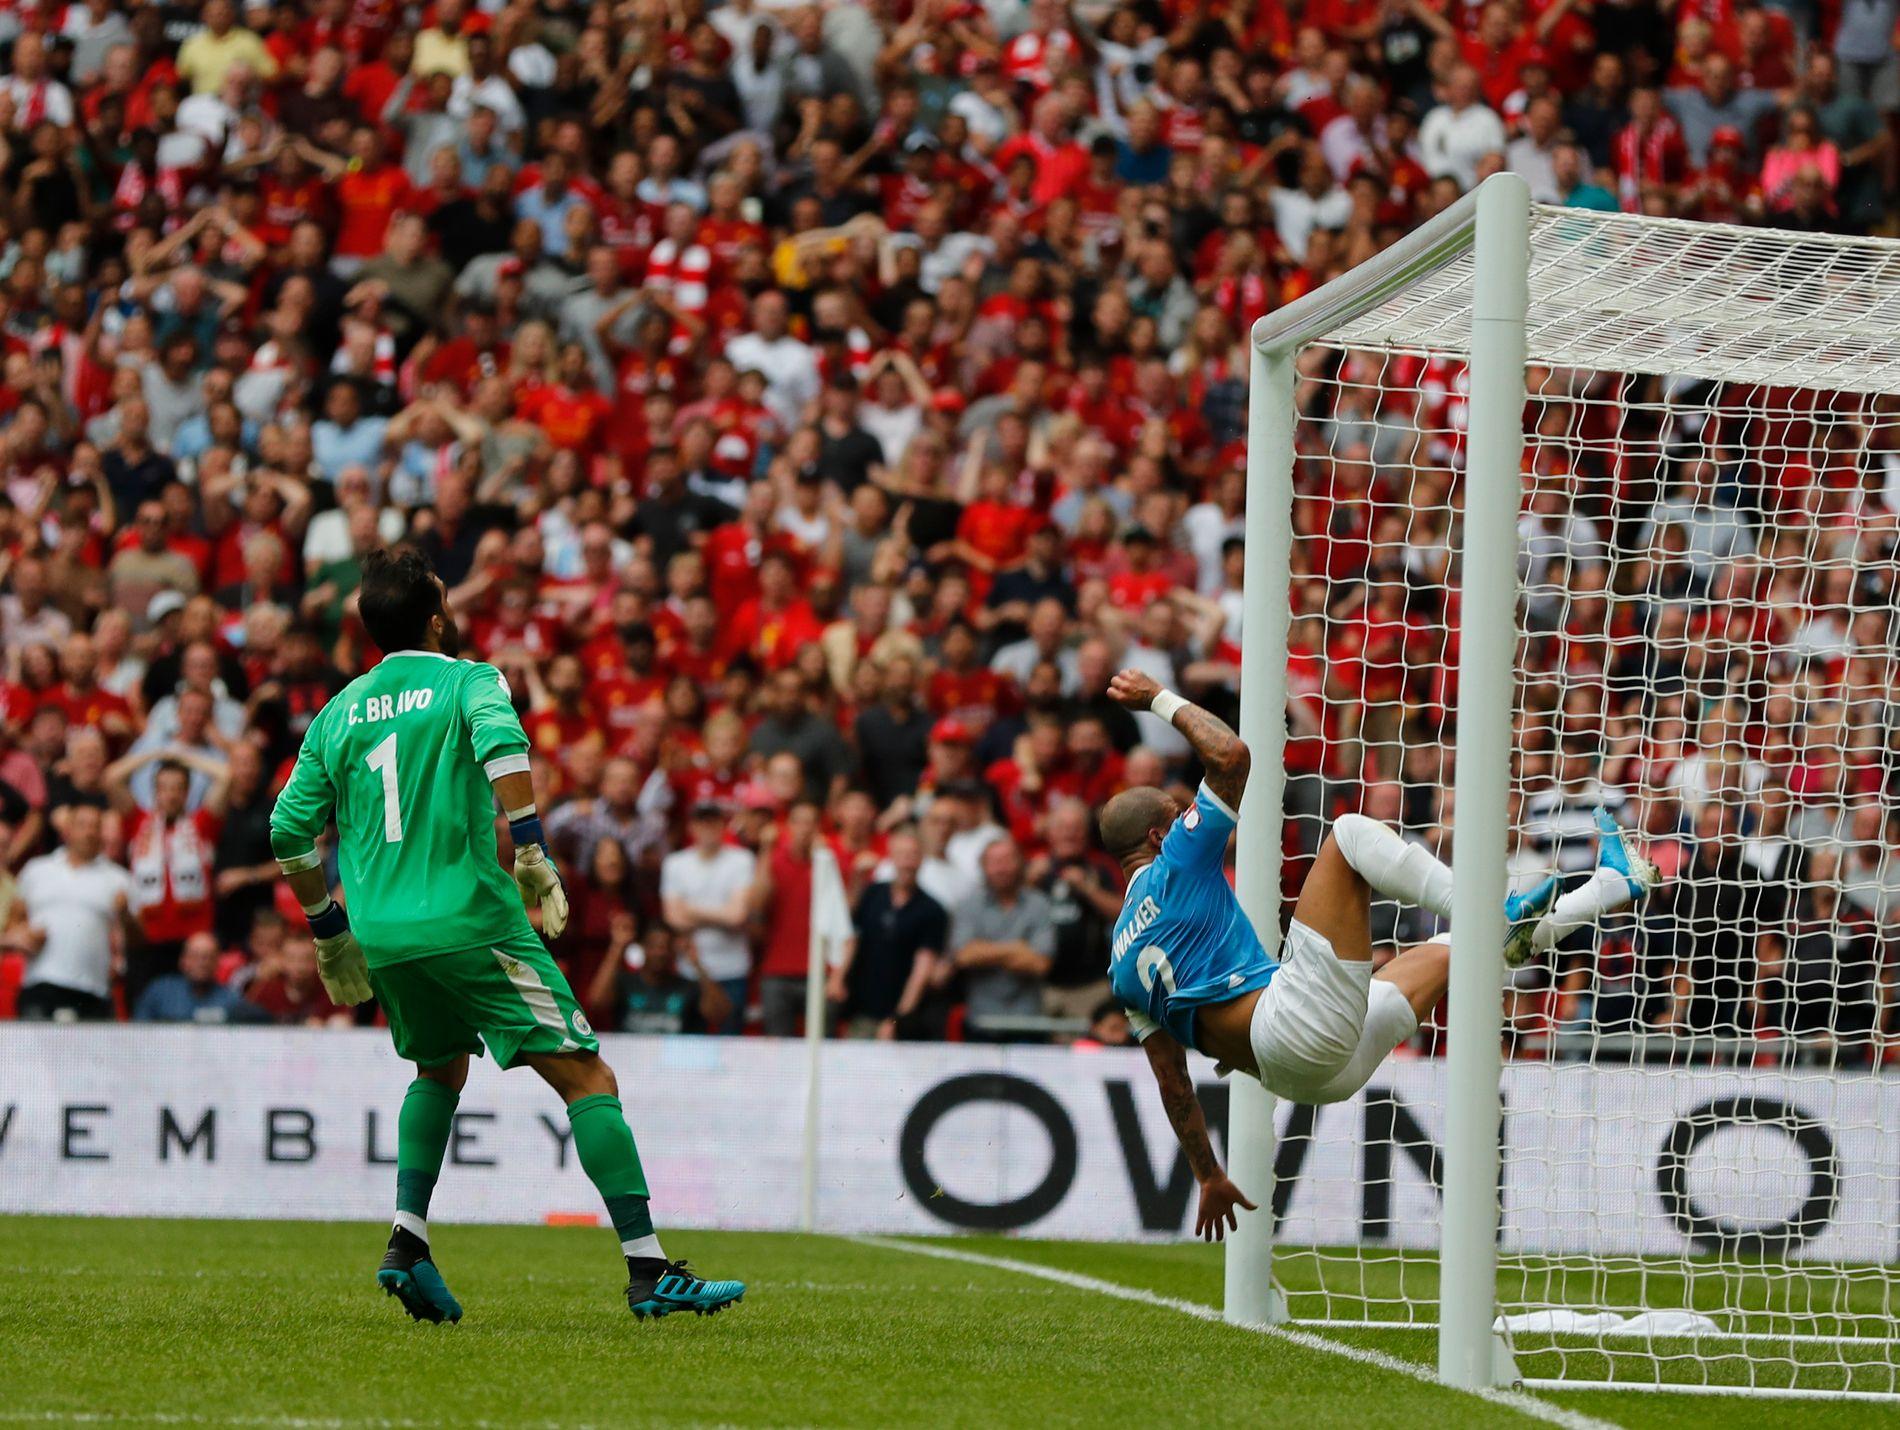 Kyle Walker vartet opp med en spektakulær heading da Mohamed Salahs heading var på vei mot mål.